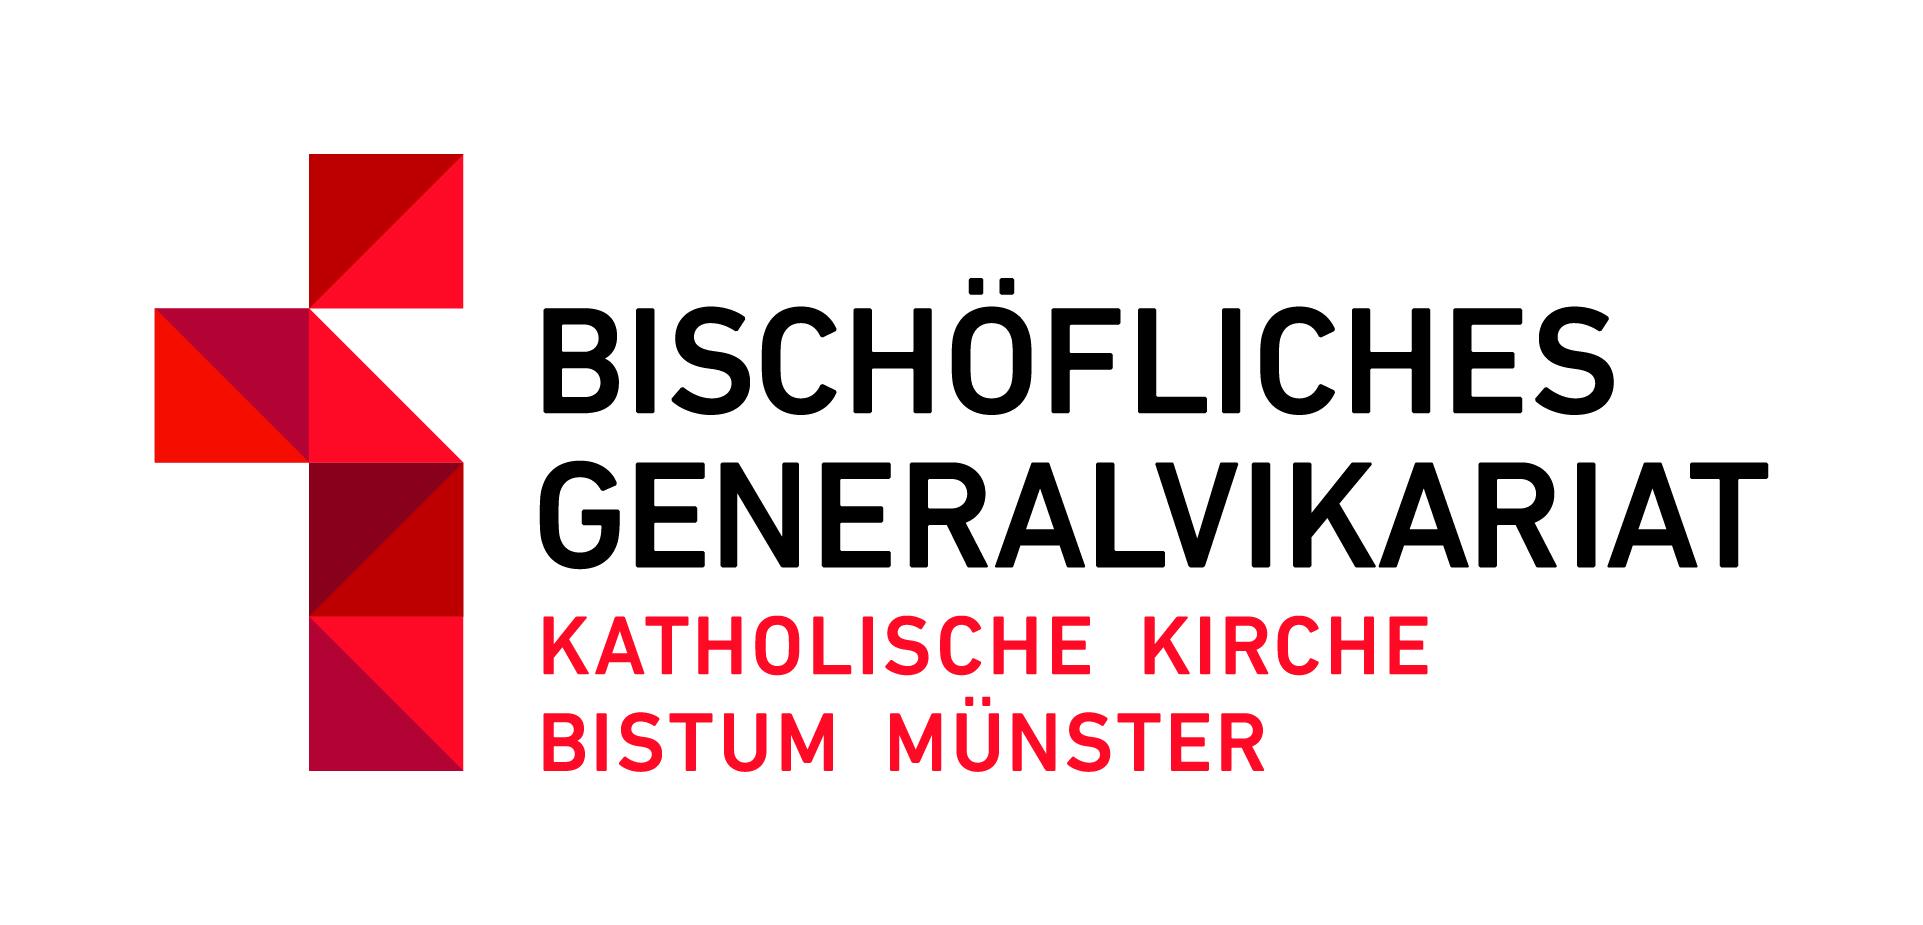 messedaten_messe_206_weblogos_bischoefliches_generalvikariat_muenster_abt_610.jpg